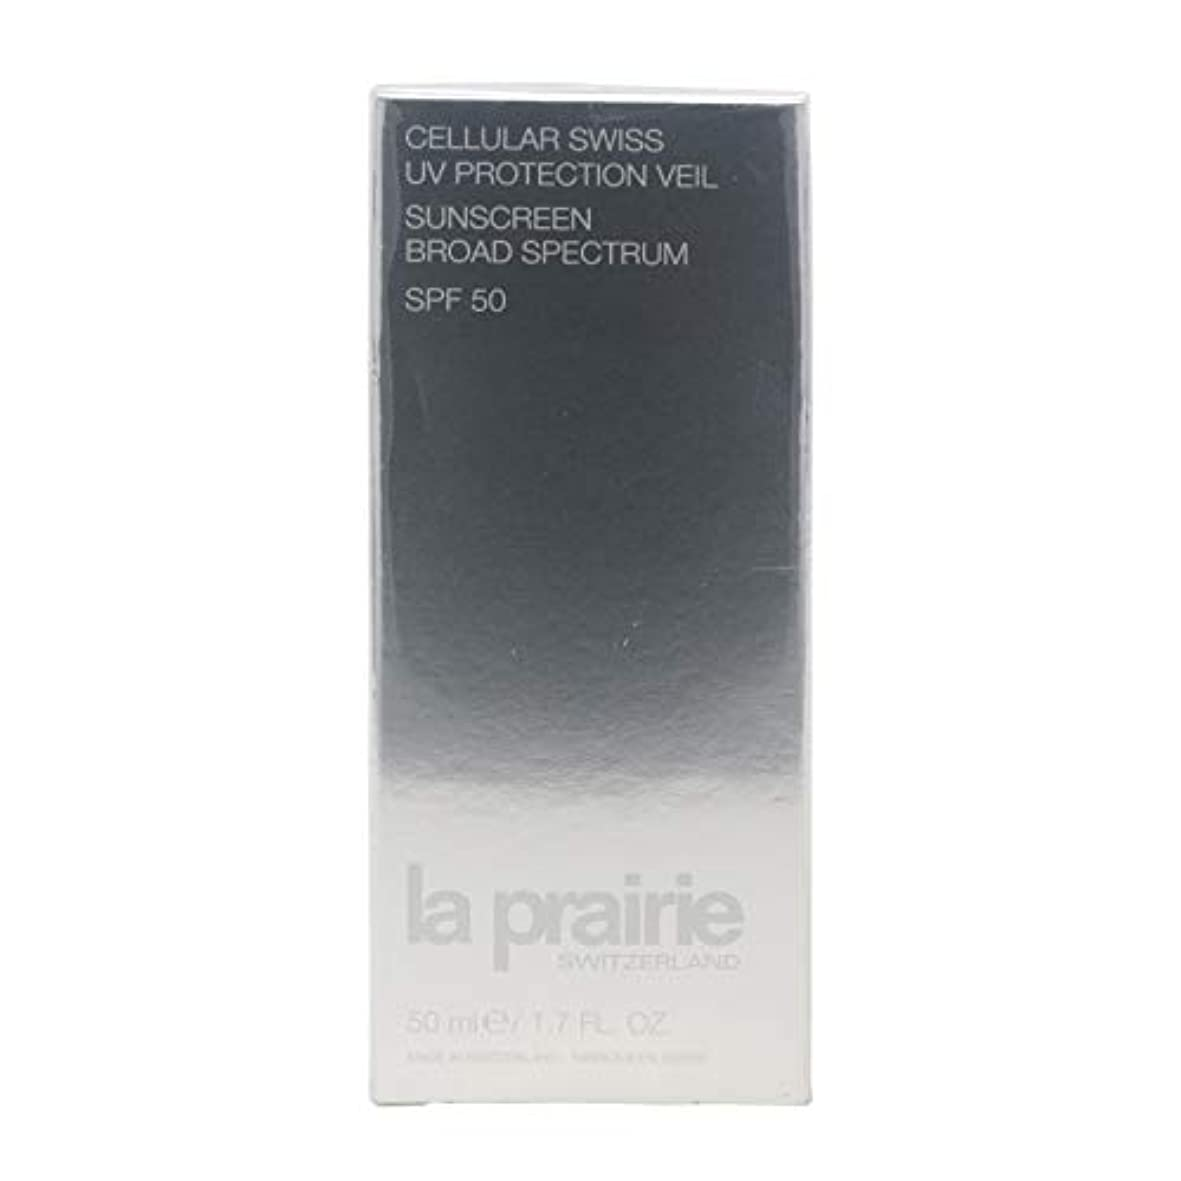 無礼に教義贅沢なラプレリー Cellular Swiss UV Protection Veil SPF50 50ml/1.7oz並行輸入品